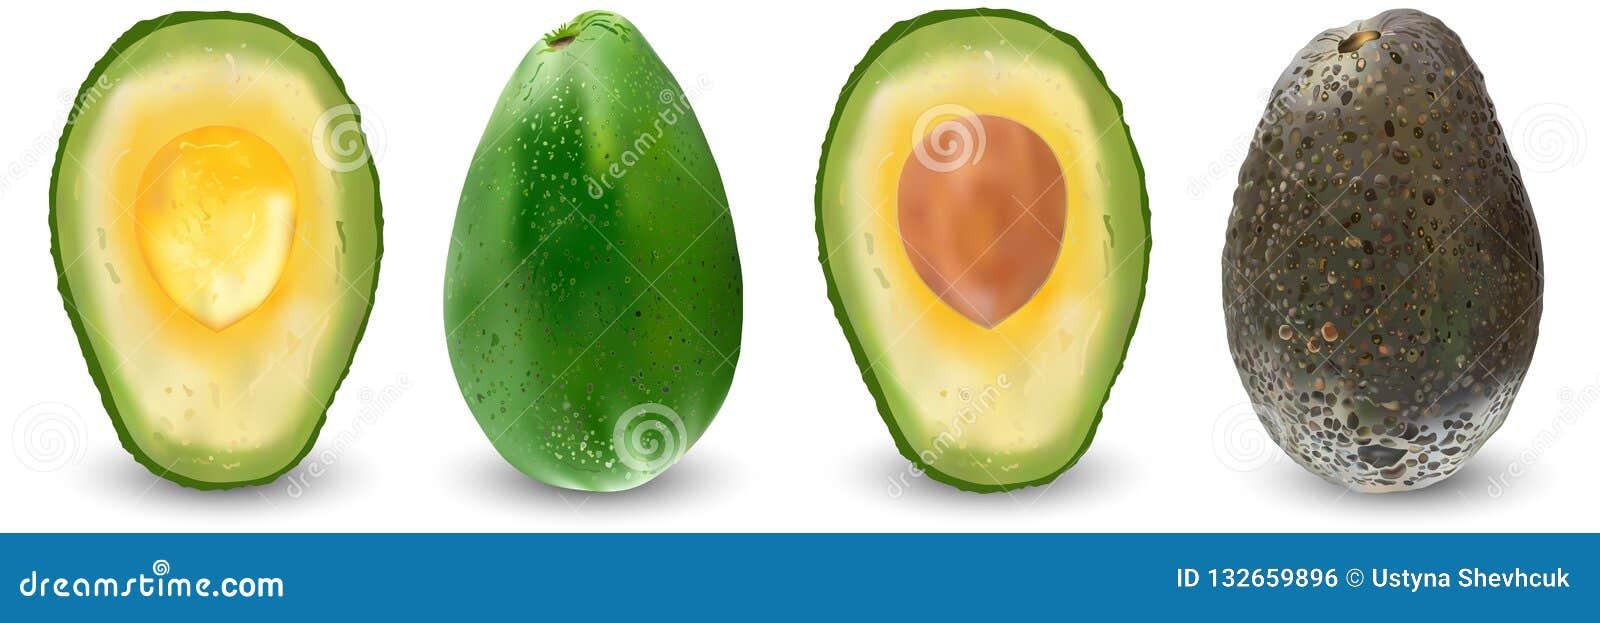 Piante Da Frutto Sempreverdi metta dei frutti realistici maturi dell'avocado